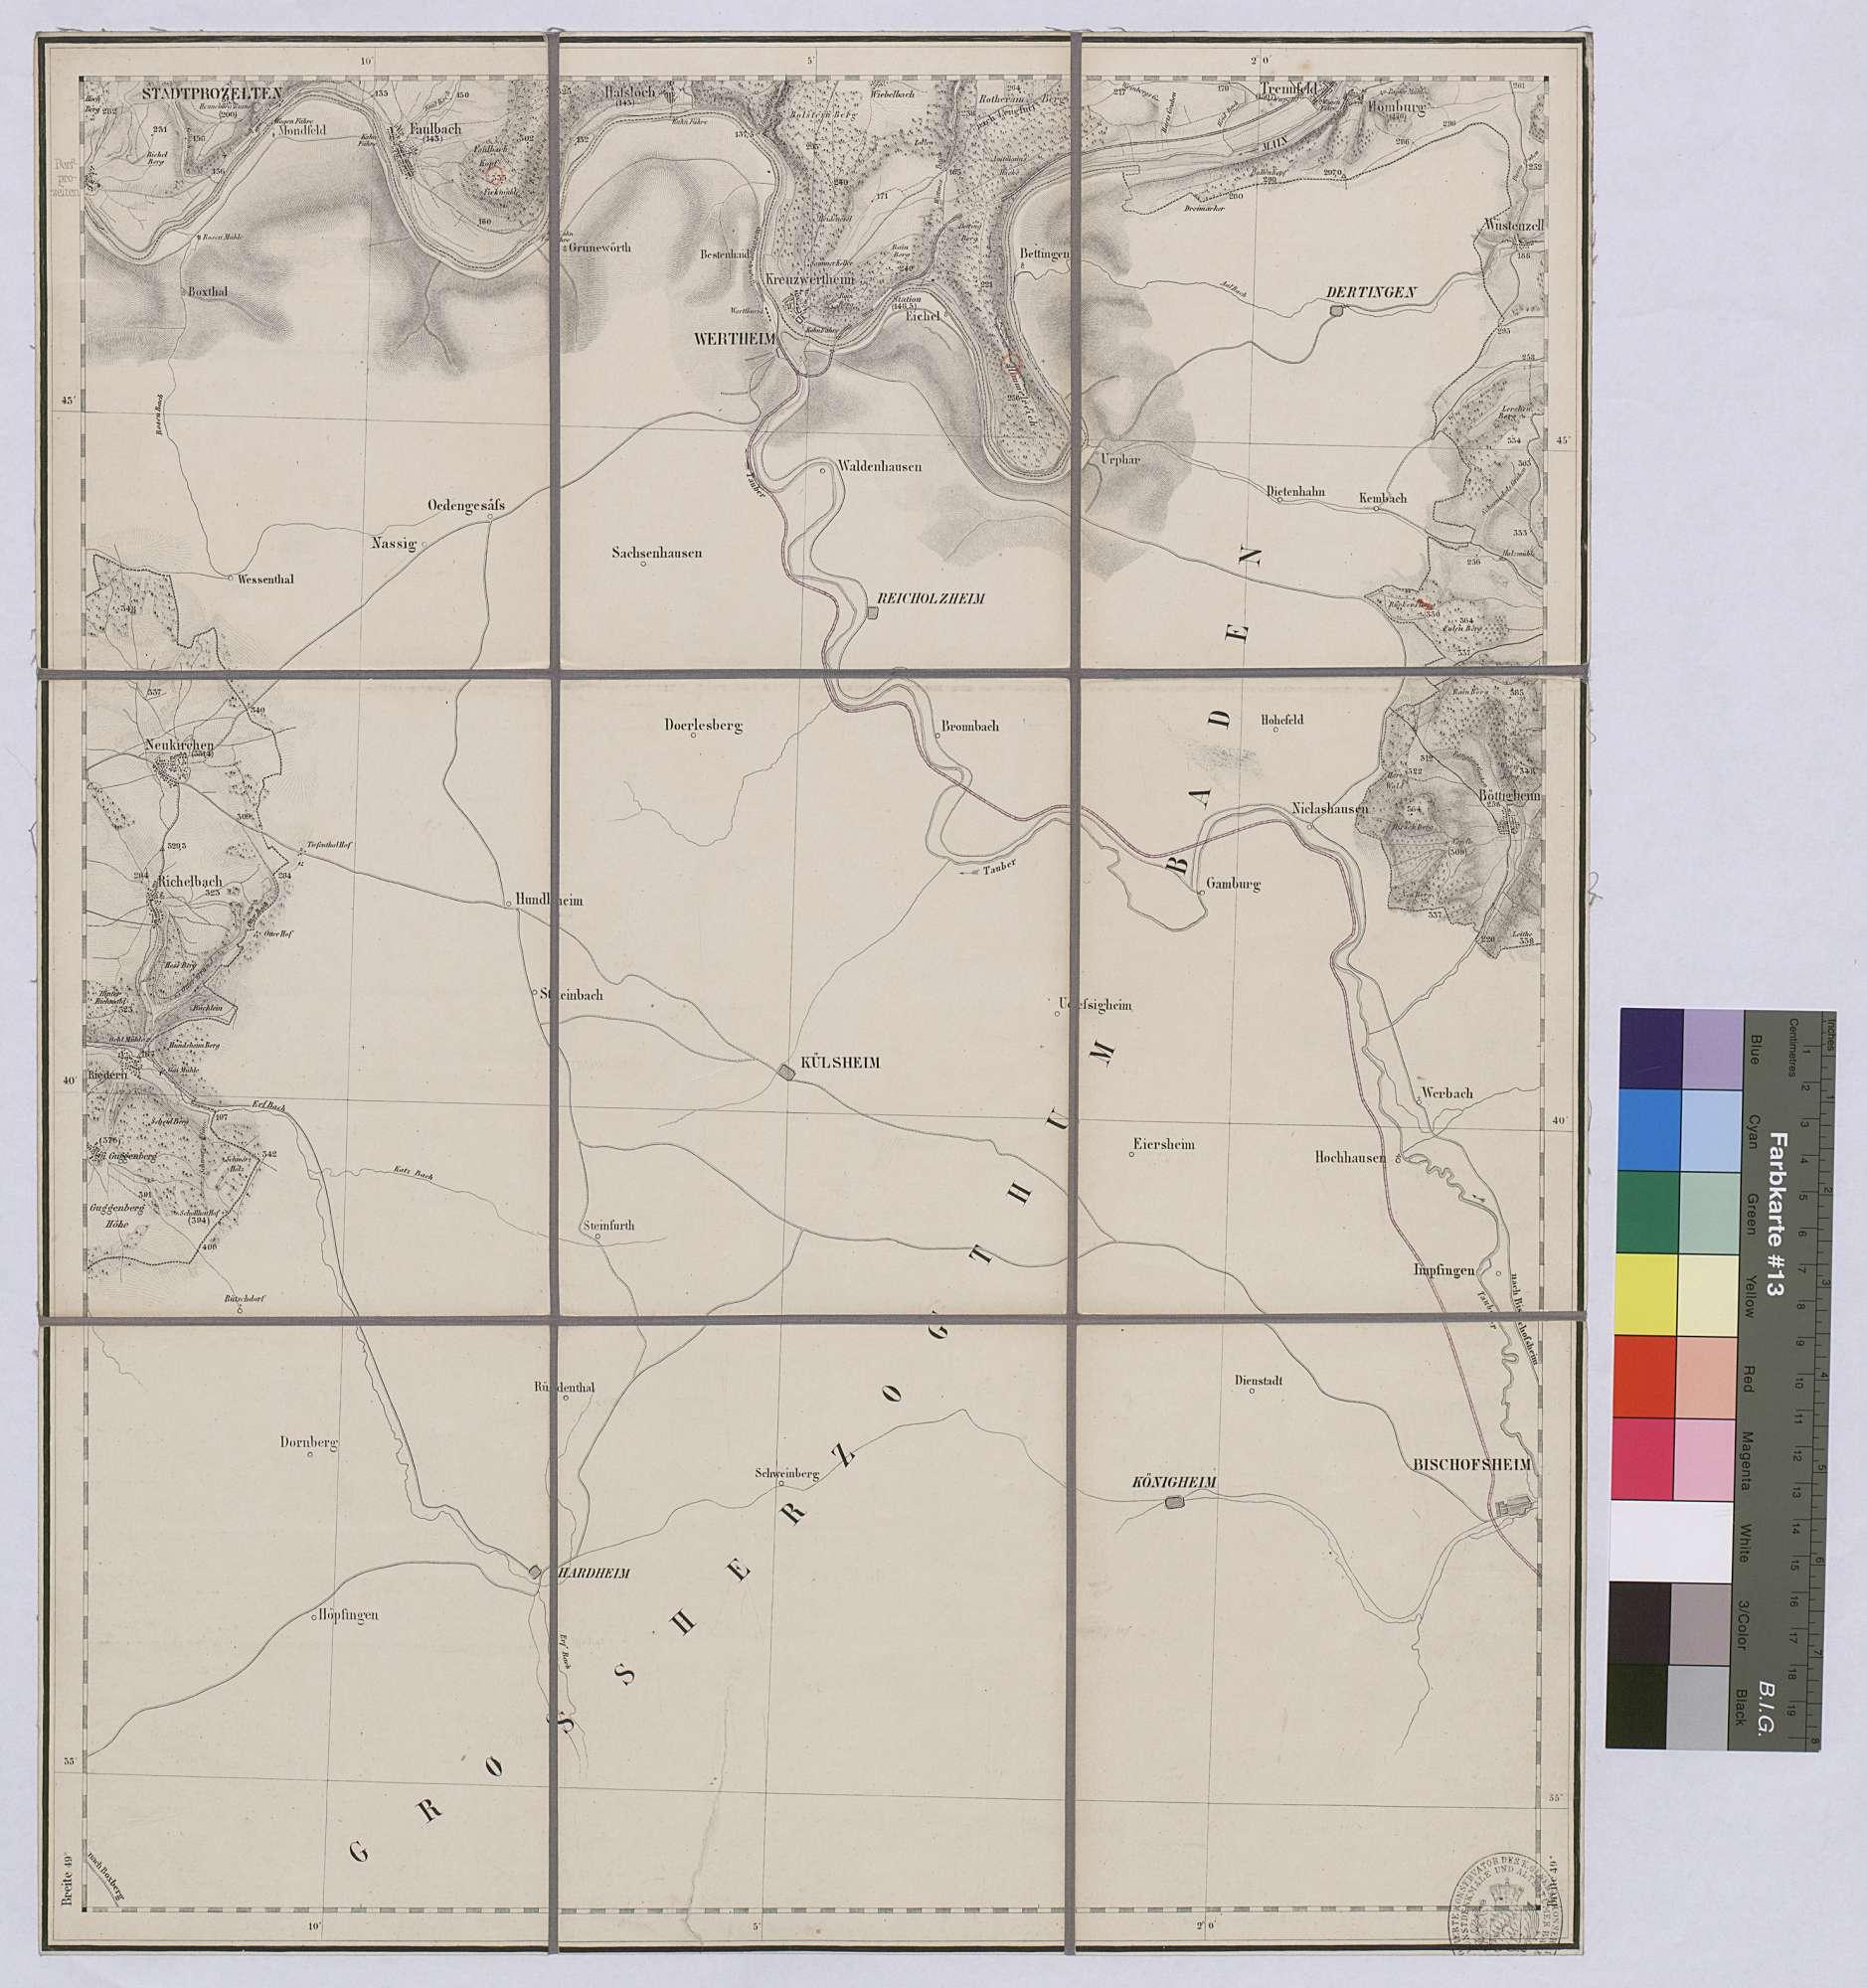 Topographische Karte Miltenberg Ost Maßstab 1:25 000 / Zwei-Farben-Druck / 53 x 43 cm, Bild 1